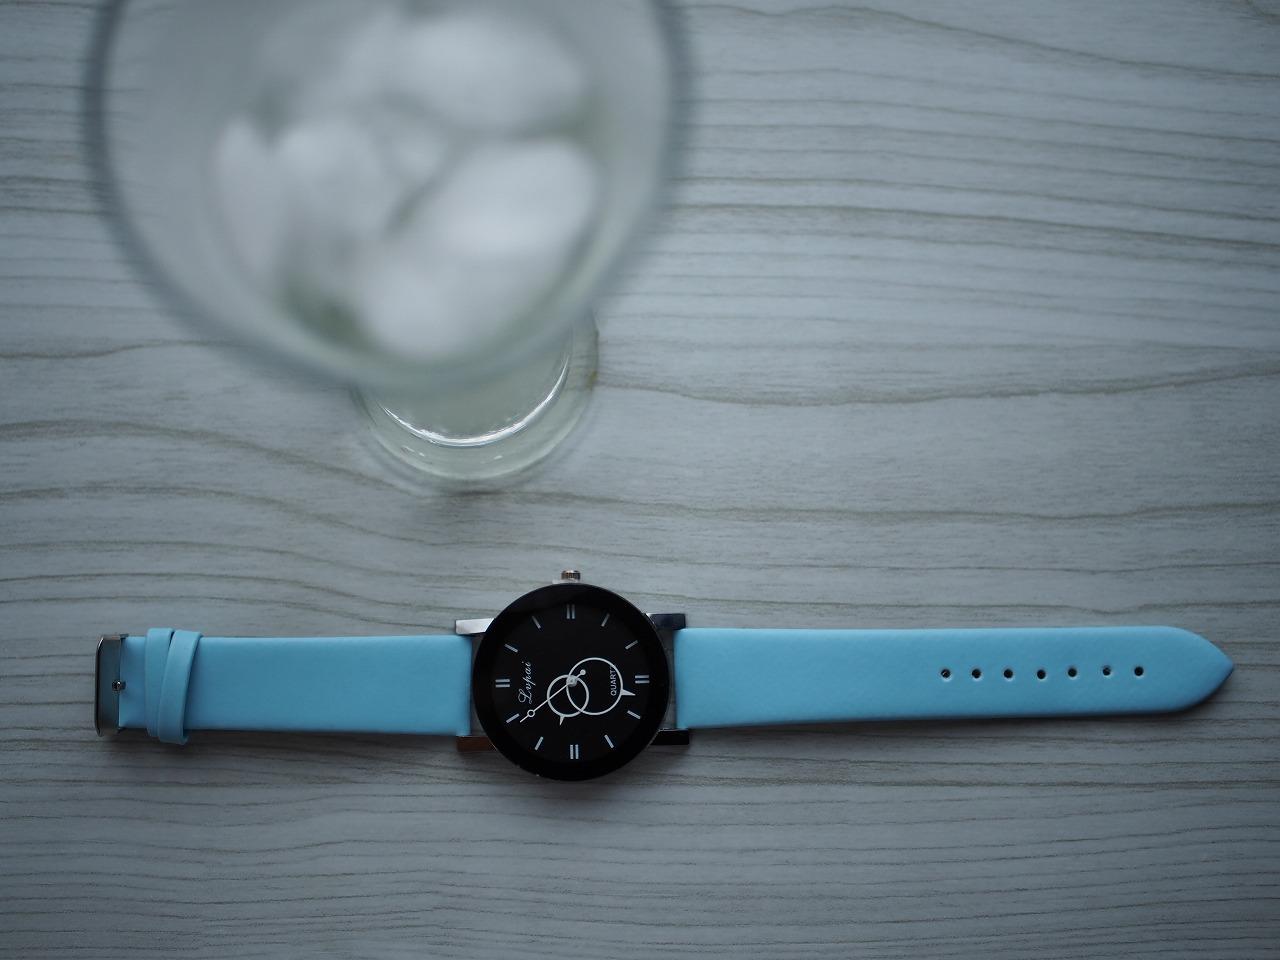 海外通販サイト【Wish】の無料ファッション時計がすごかった